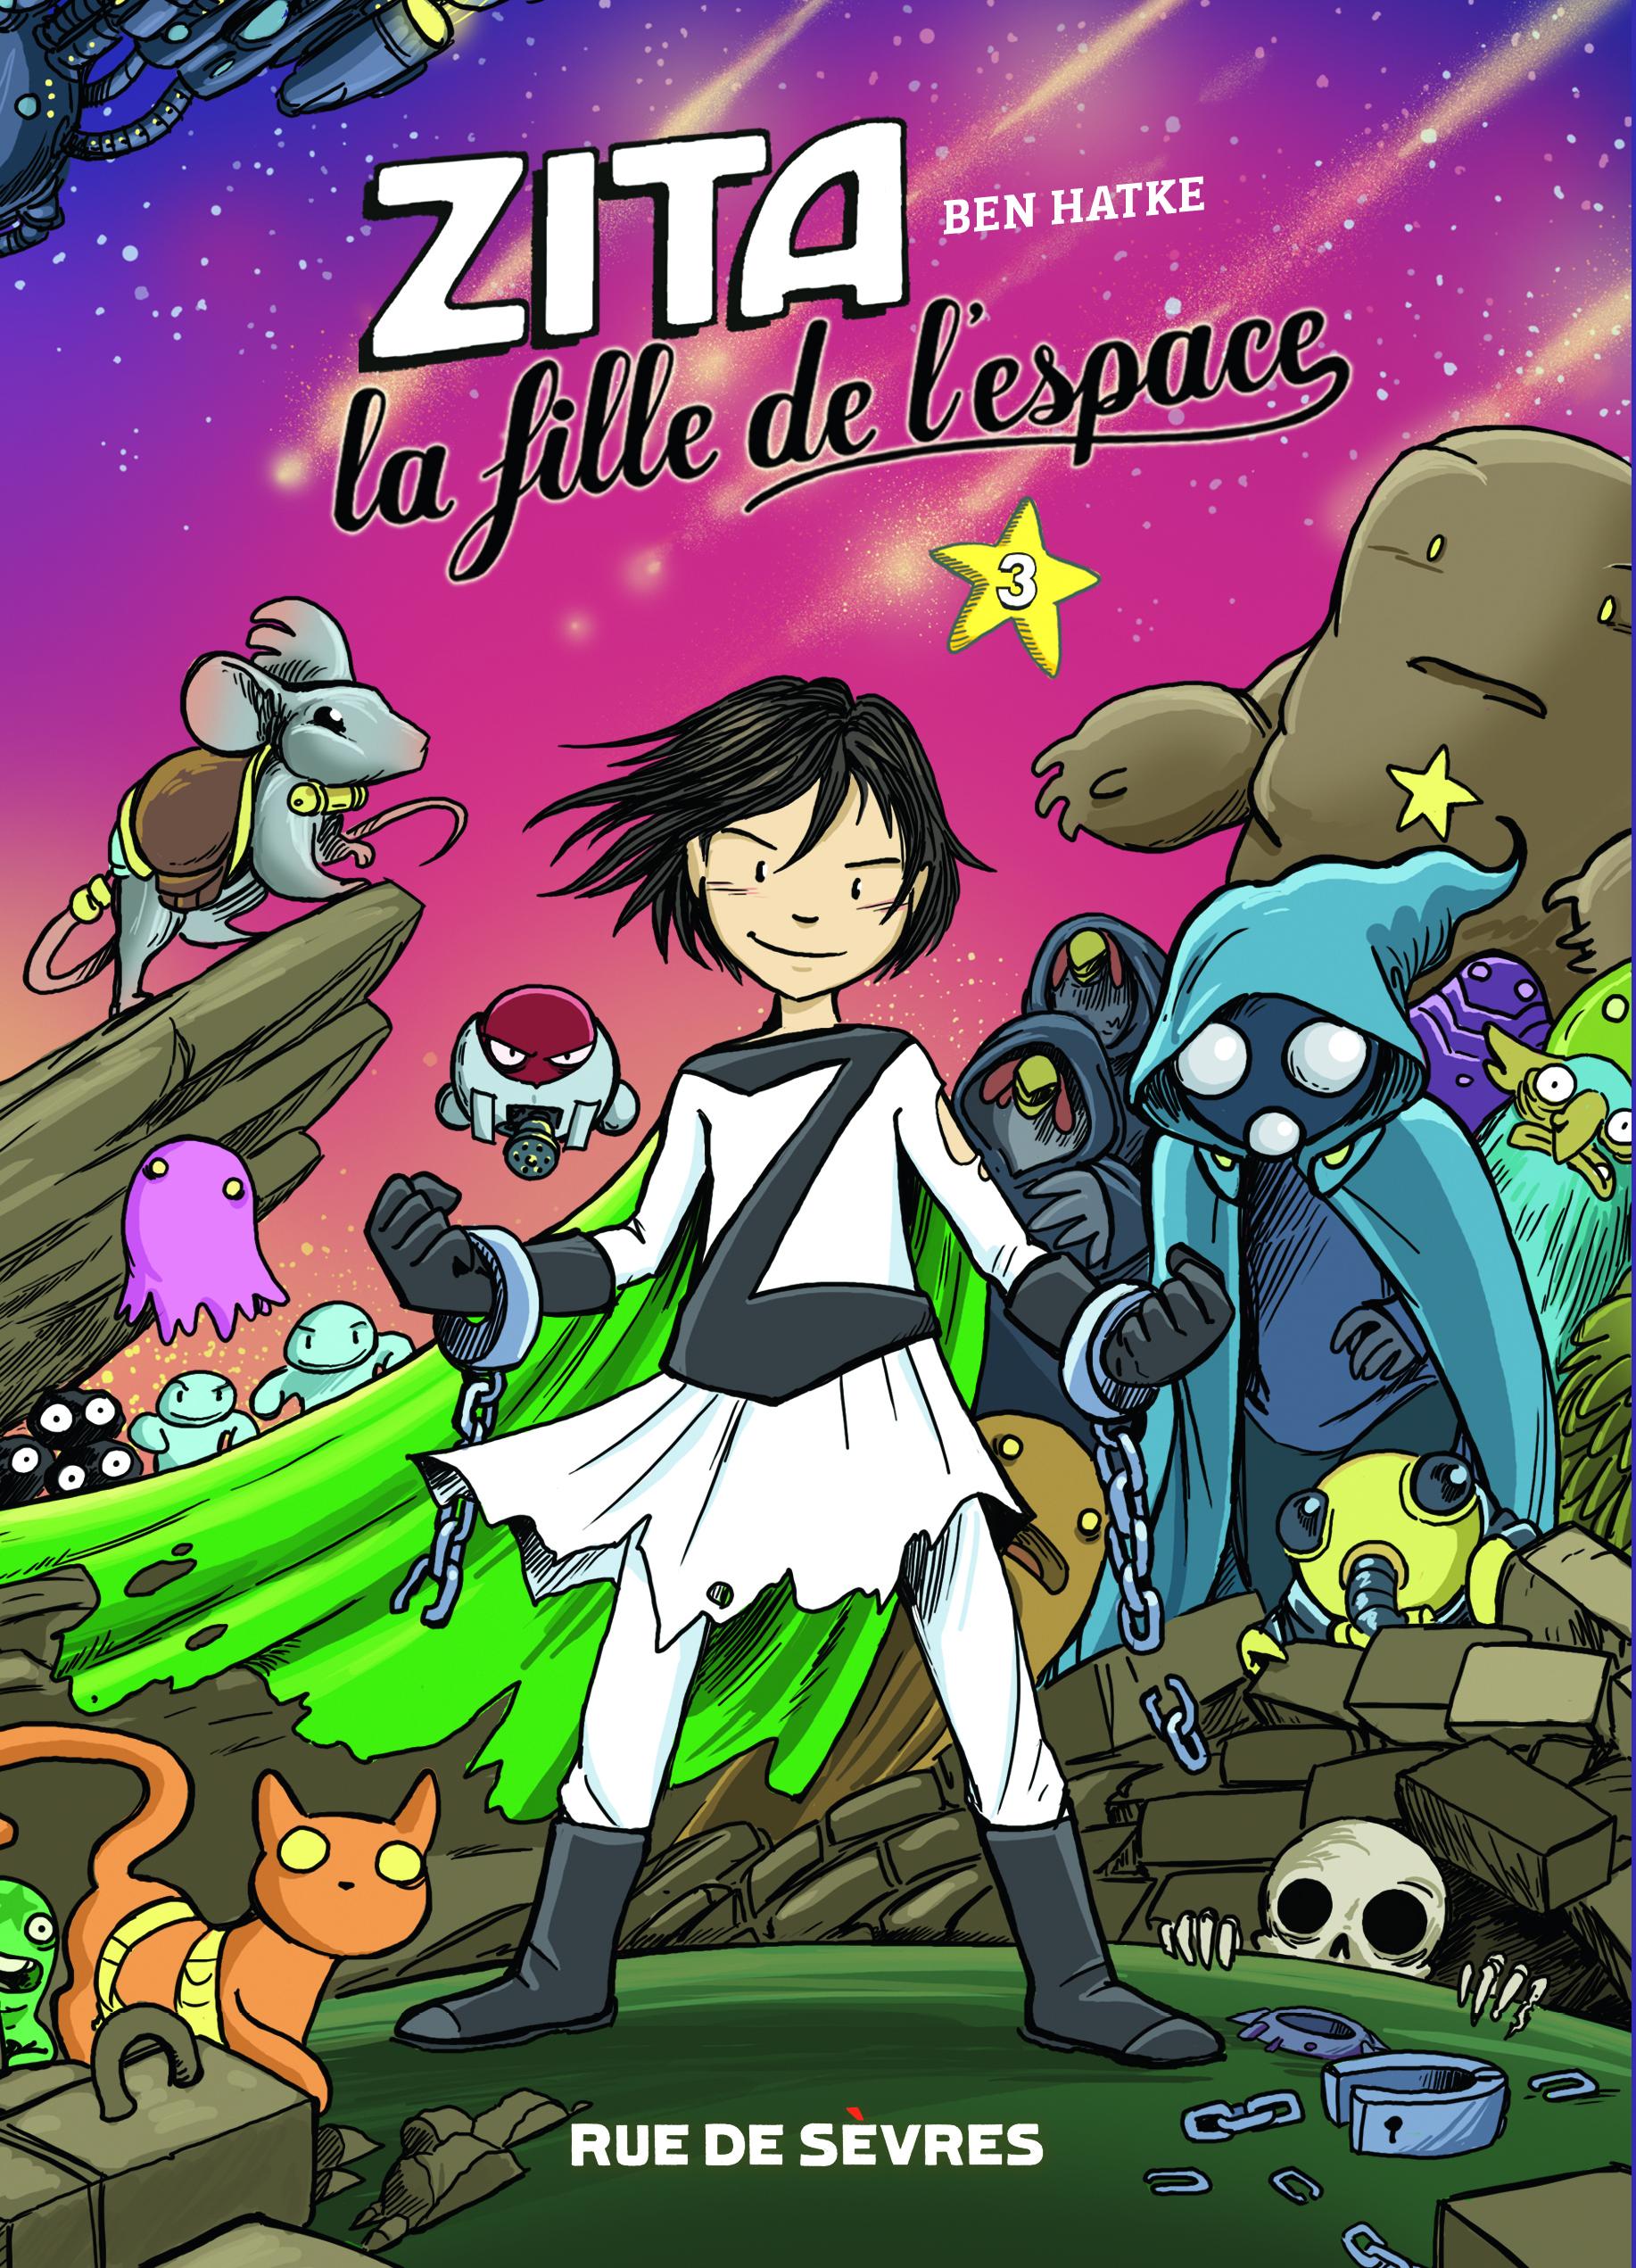 ZITA LA FILLE DE L'ESPACE T3